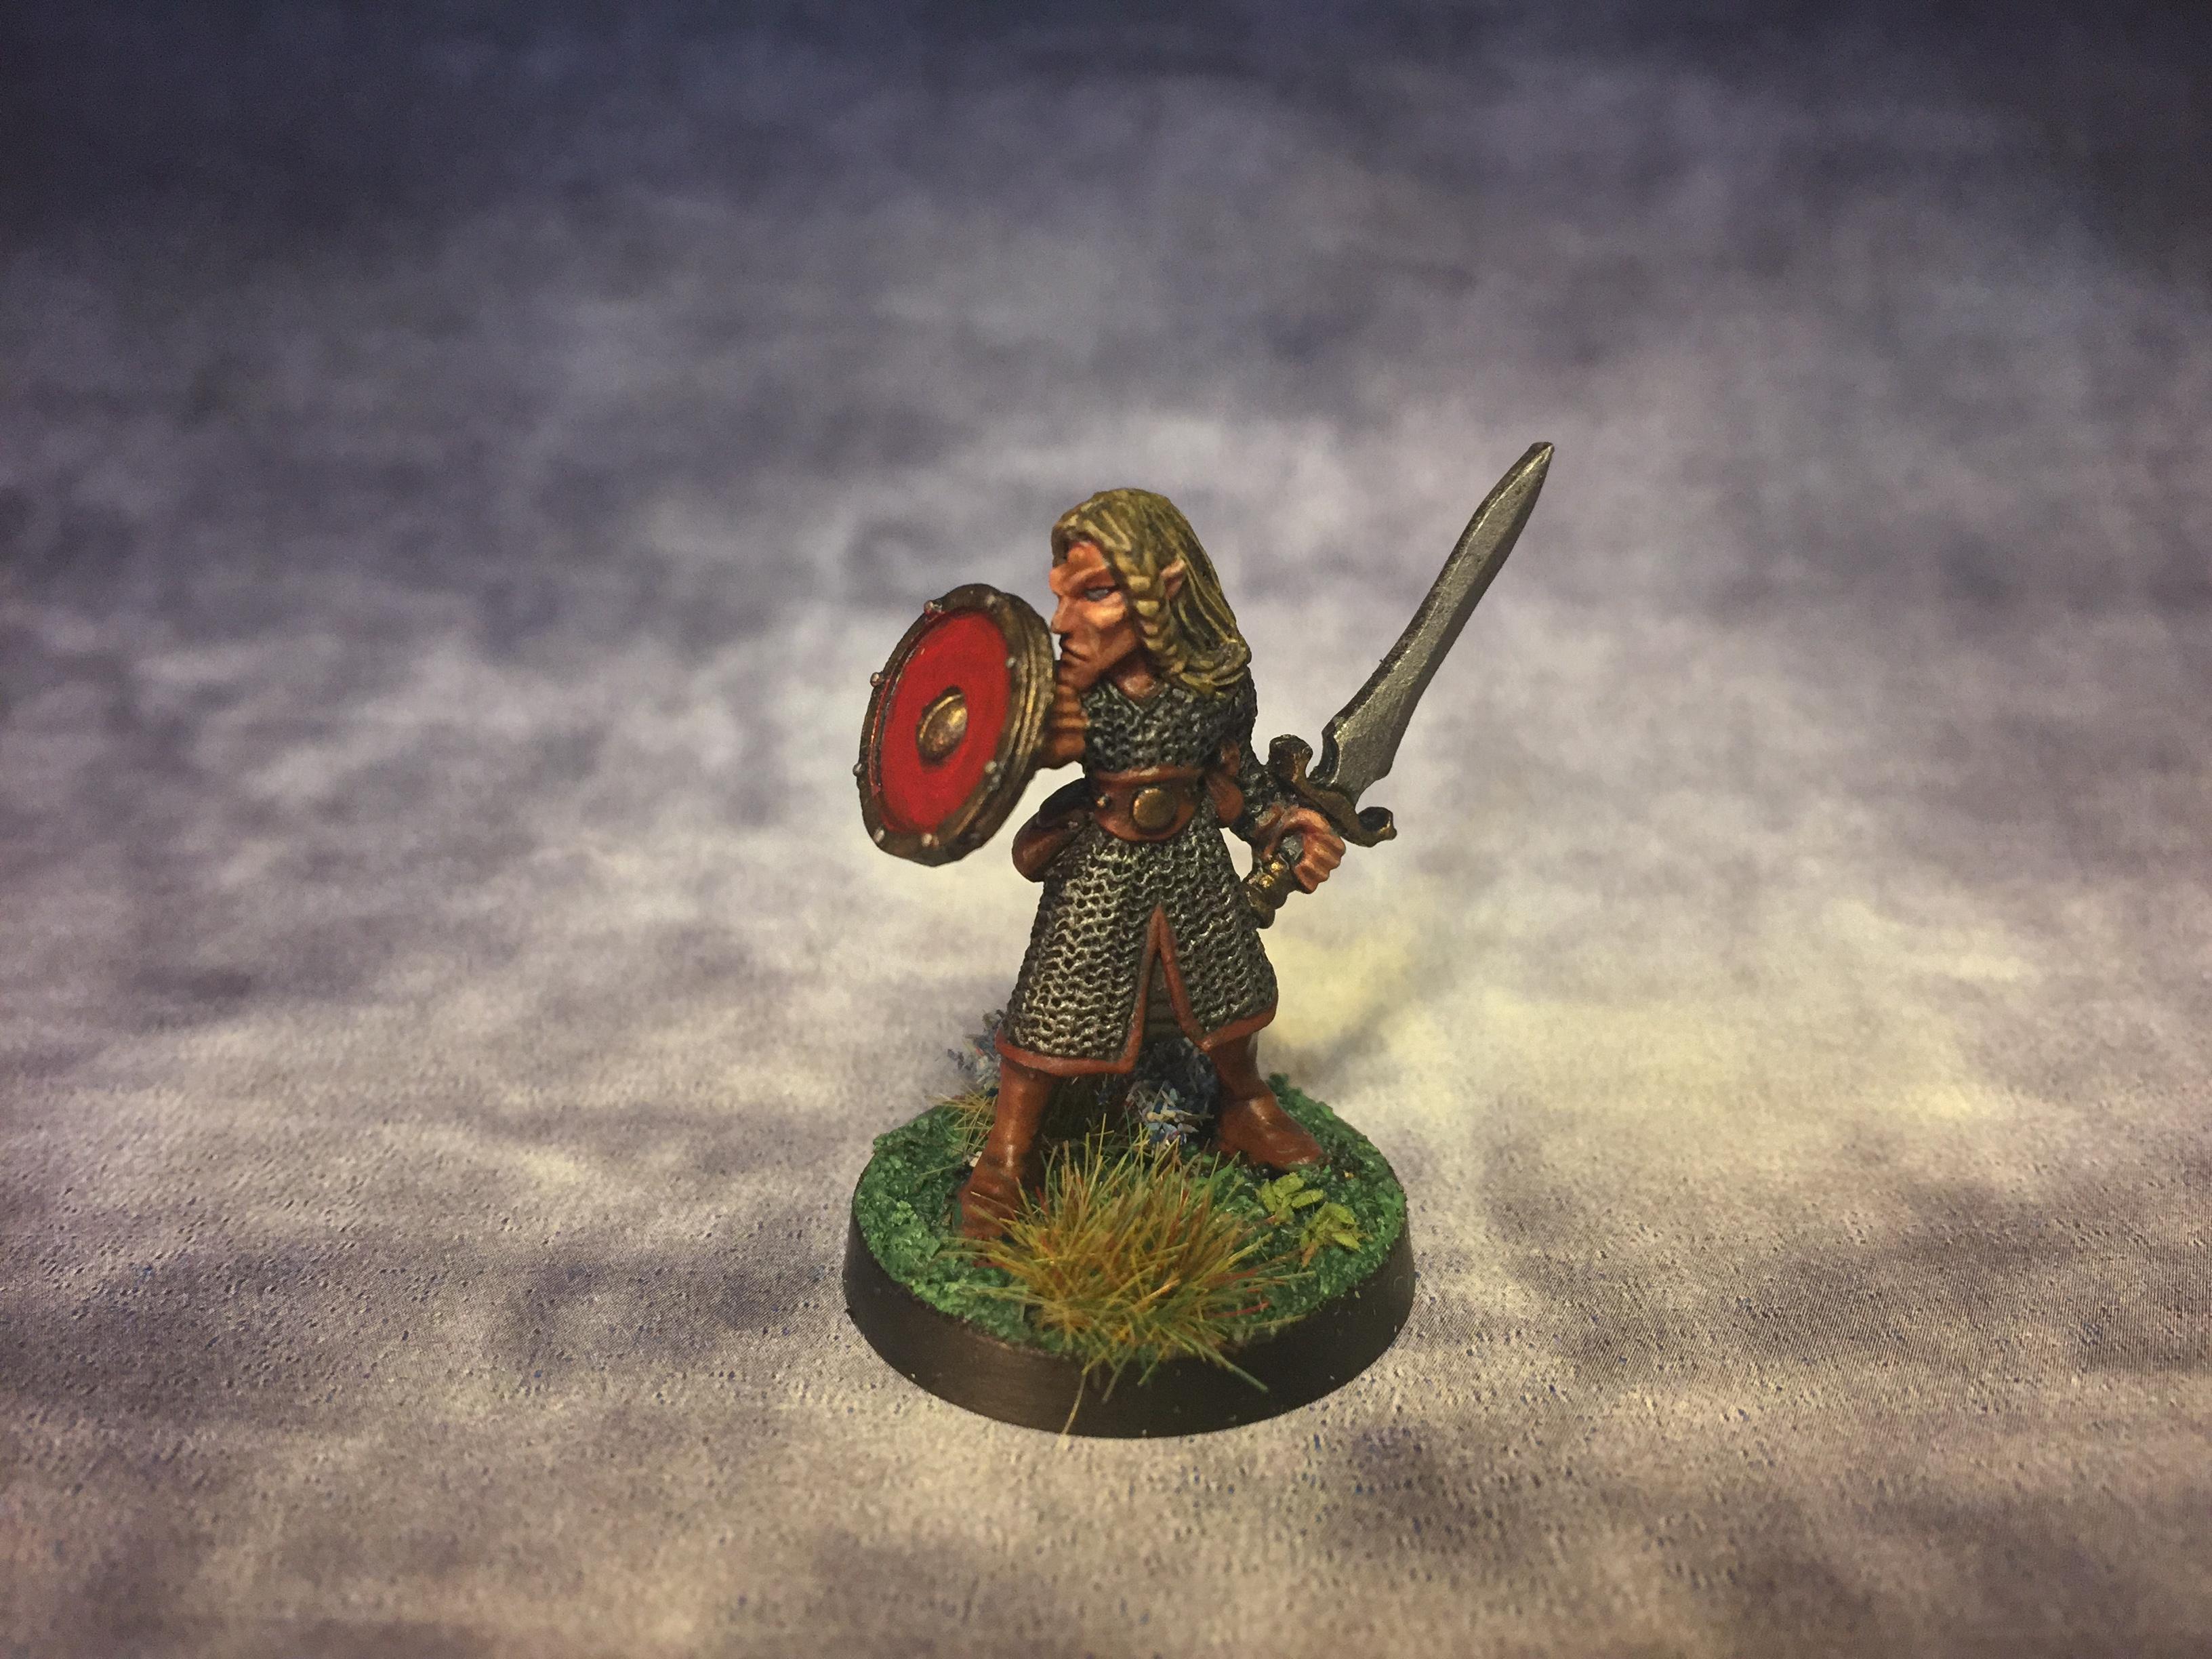 Citadel, December 2018, Elves, Games Workshop, Jes Goodwin, Oldhammer